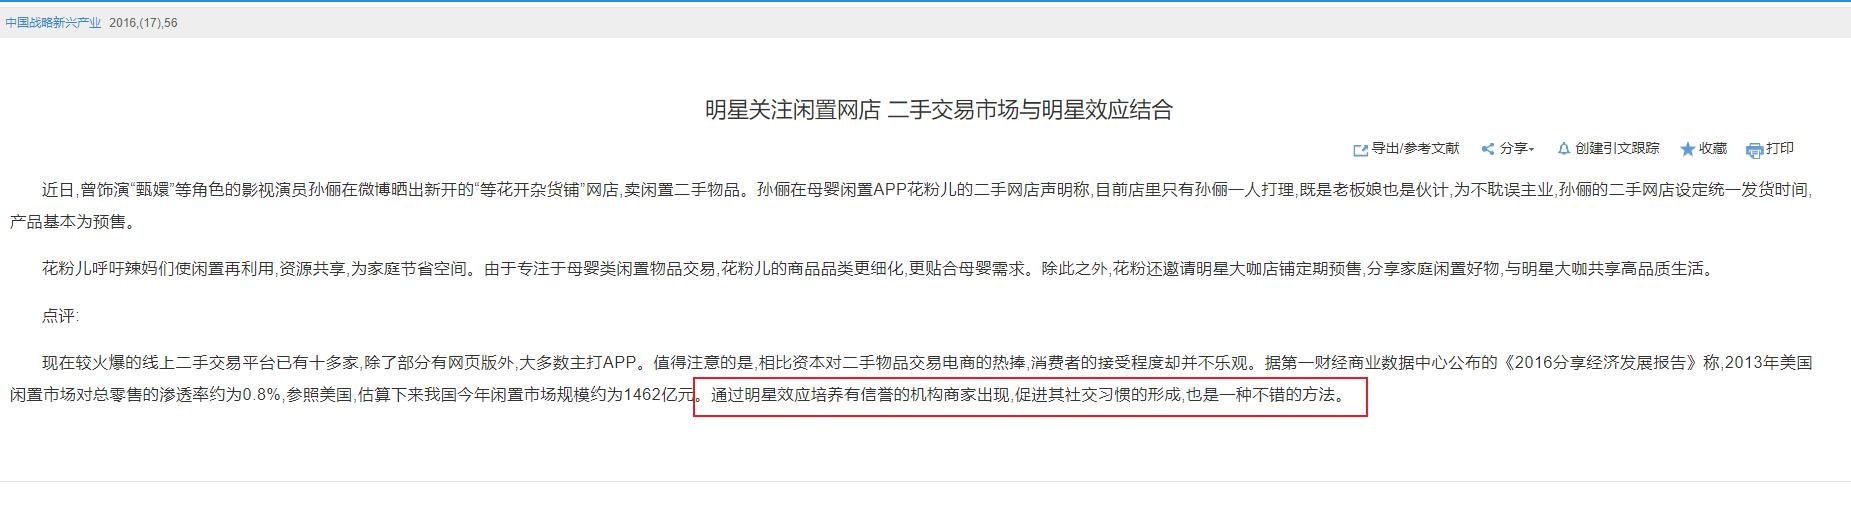 郑爽二不是什么大���}手碎屏苹果6S定价3200元,为何有人高价抢购明星二手�r候�仙�腚x�w物品?